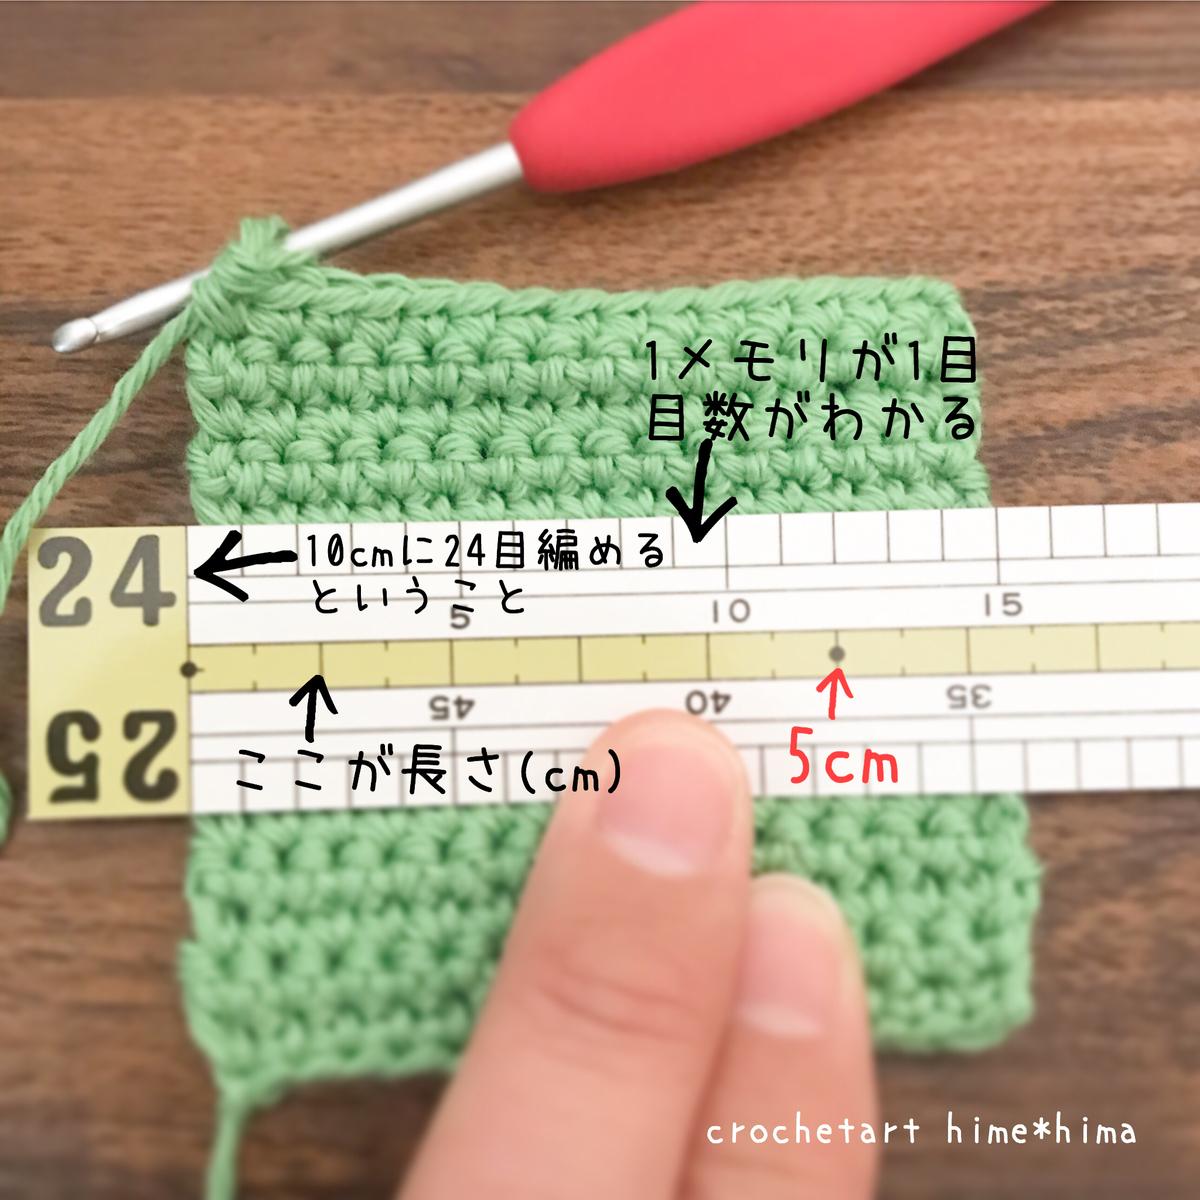 ゲージメジャーの使い方測り方